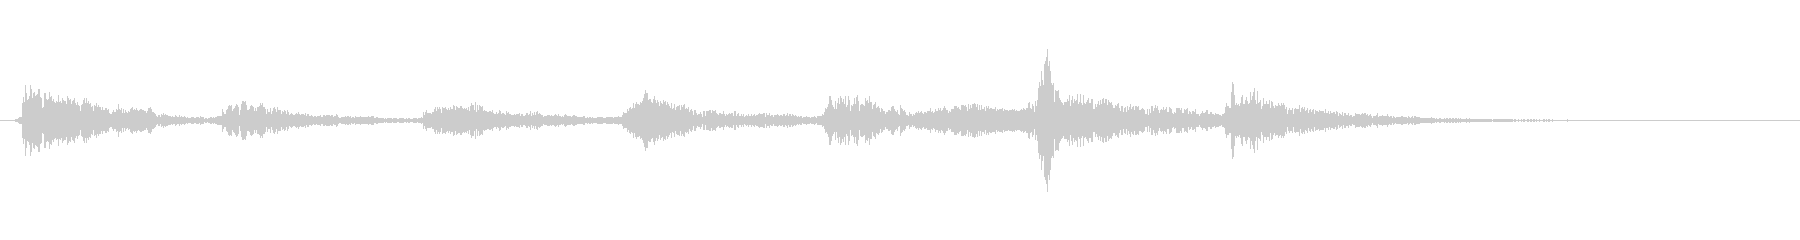 かわいいオーケストラのジングルの未再生の波形